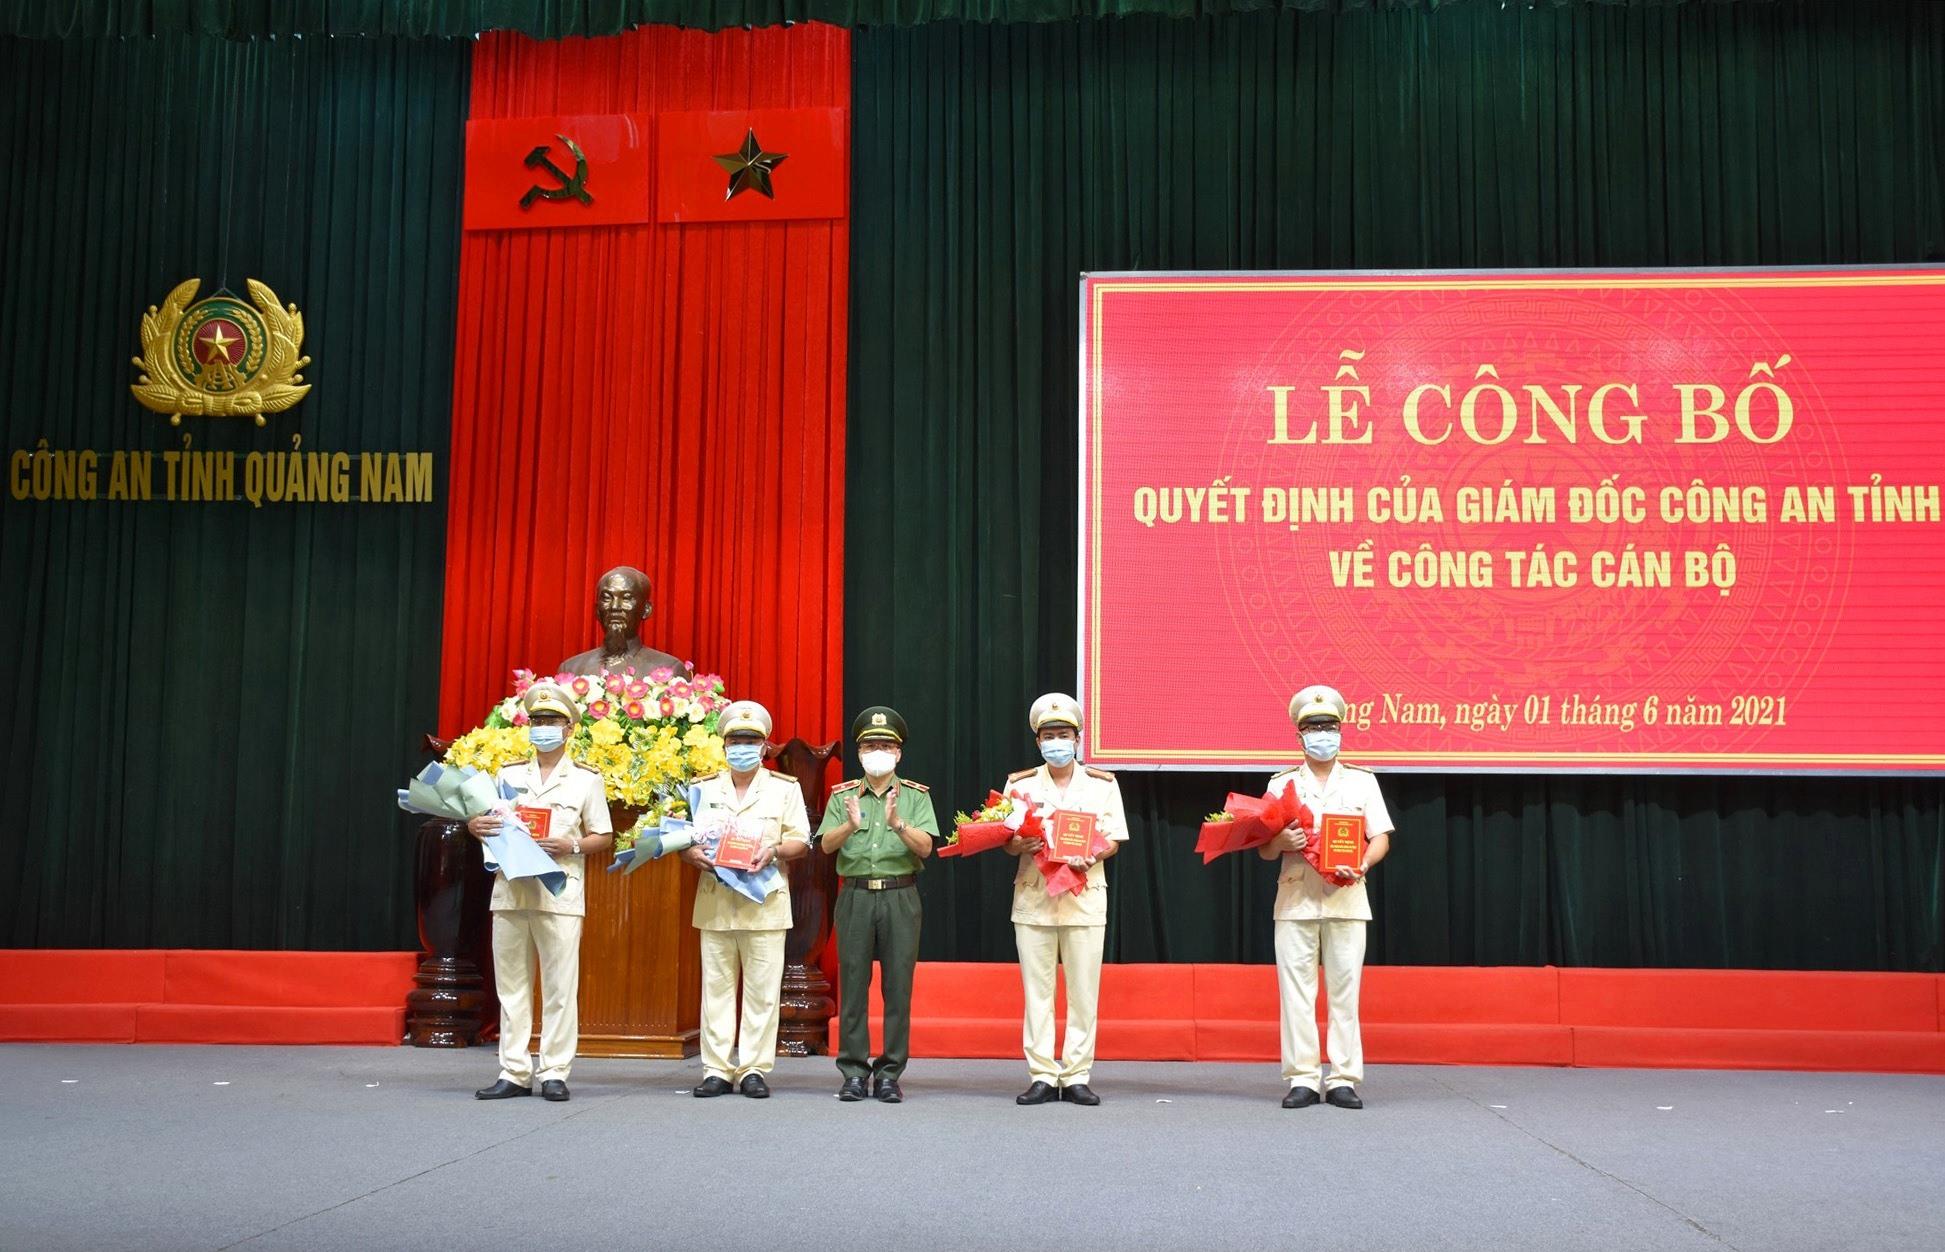 Thiếu tướng Nguyễn Đức Dũng - Giám đốc Công an tỉnh trao quyết định điều động cho các nhân sự mới được bổ nhiệm. Ảnh: M.T